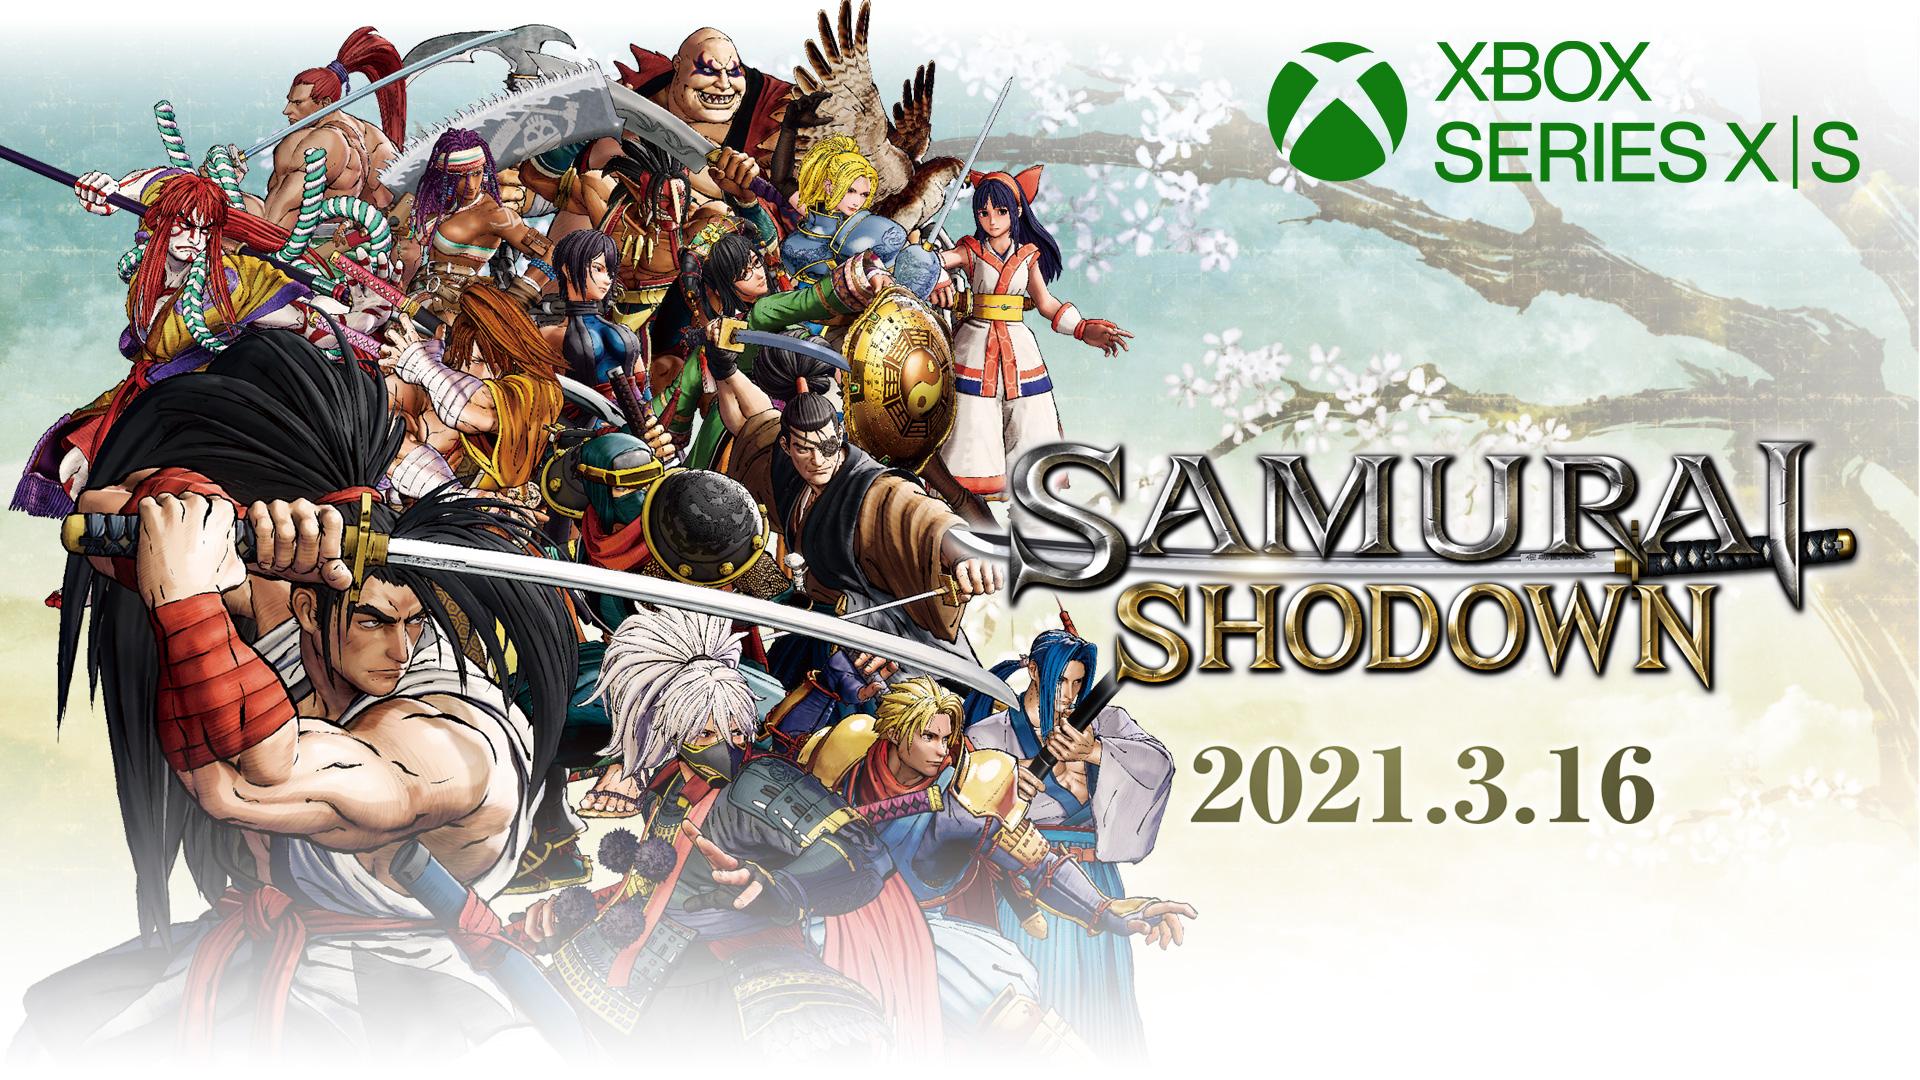 Edycja specjalna SAMURAI SHODOWN Xbox Series X|S